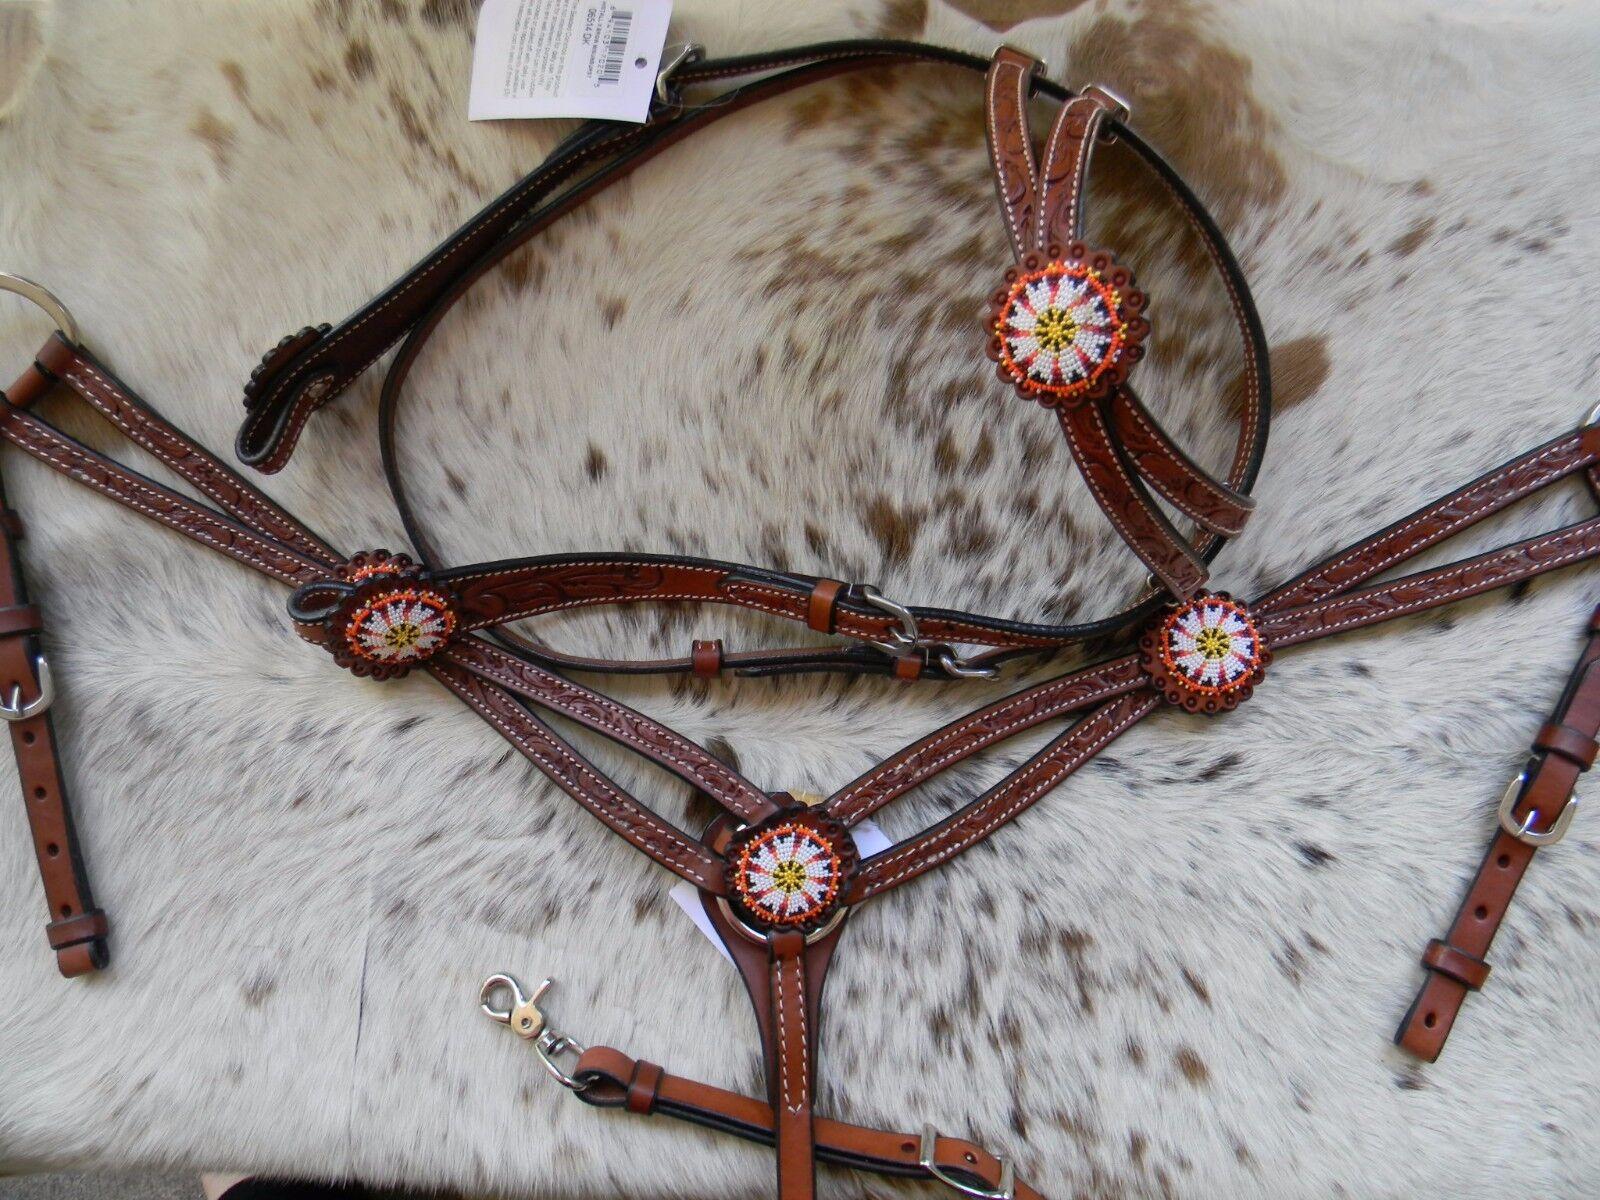 Wulstiges M Öl Öl Öl Leder Western Pferd Halfter & Brustblatt Set Neu d429cf